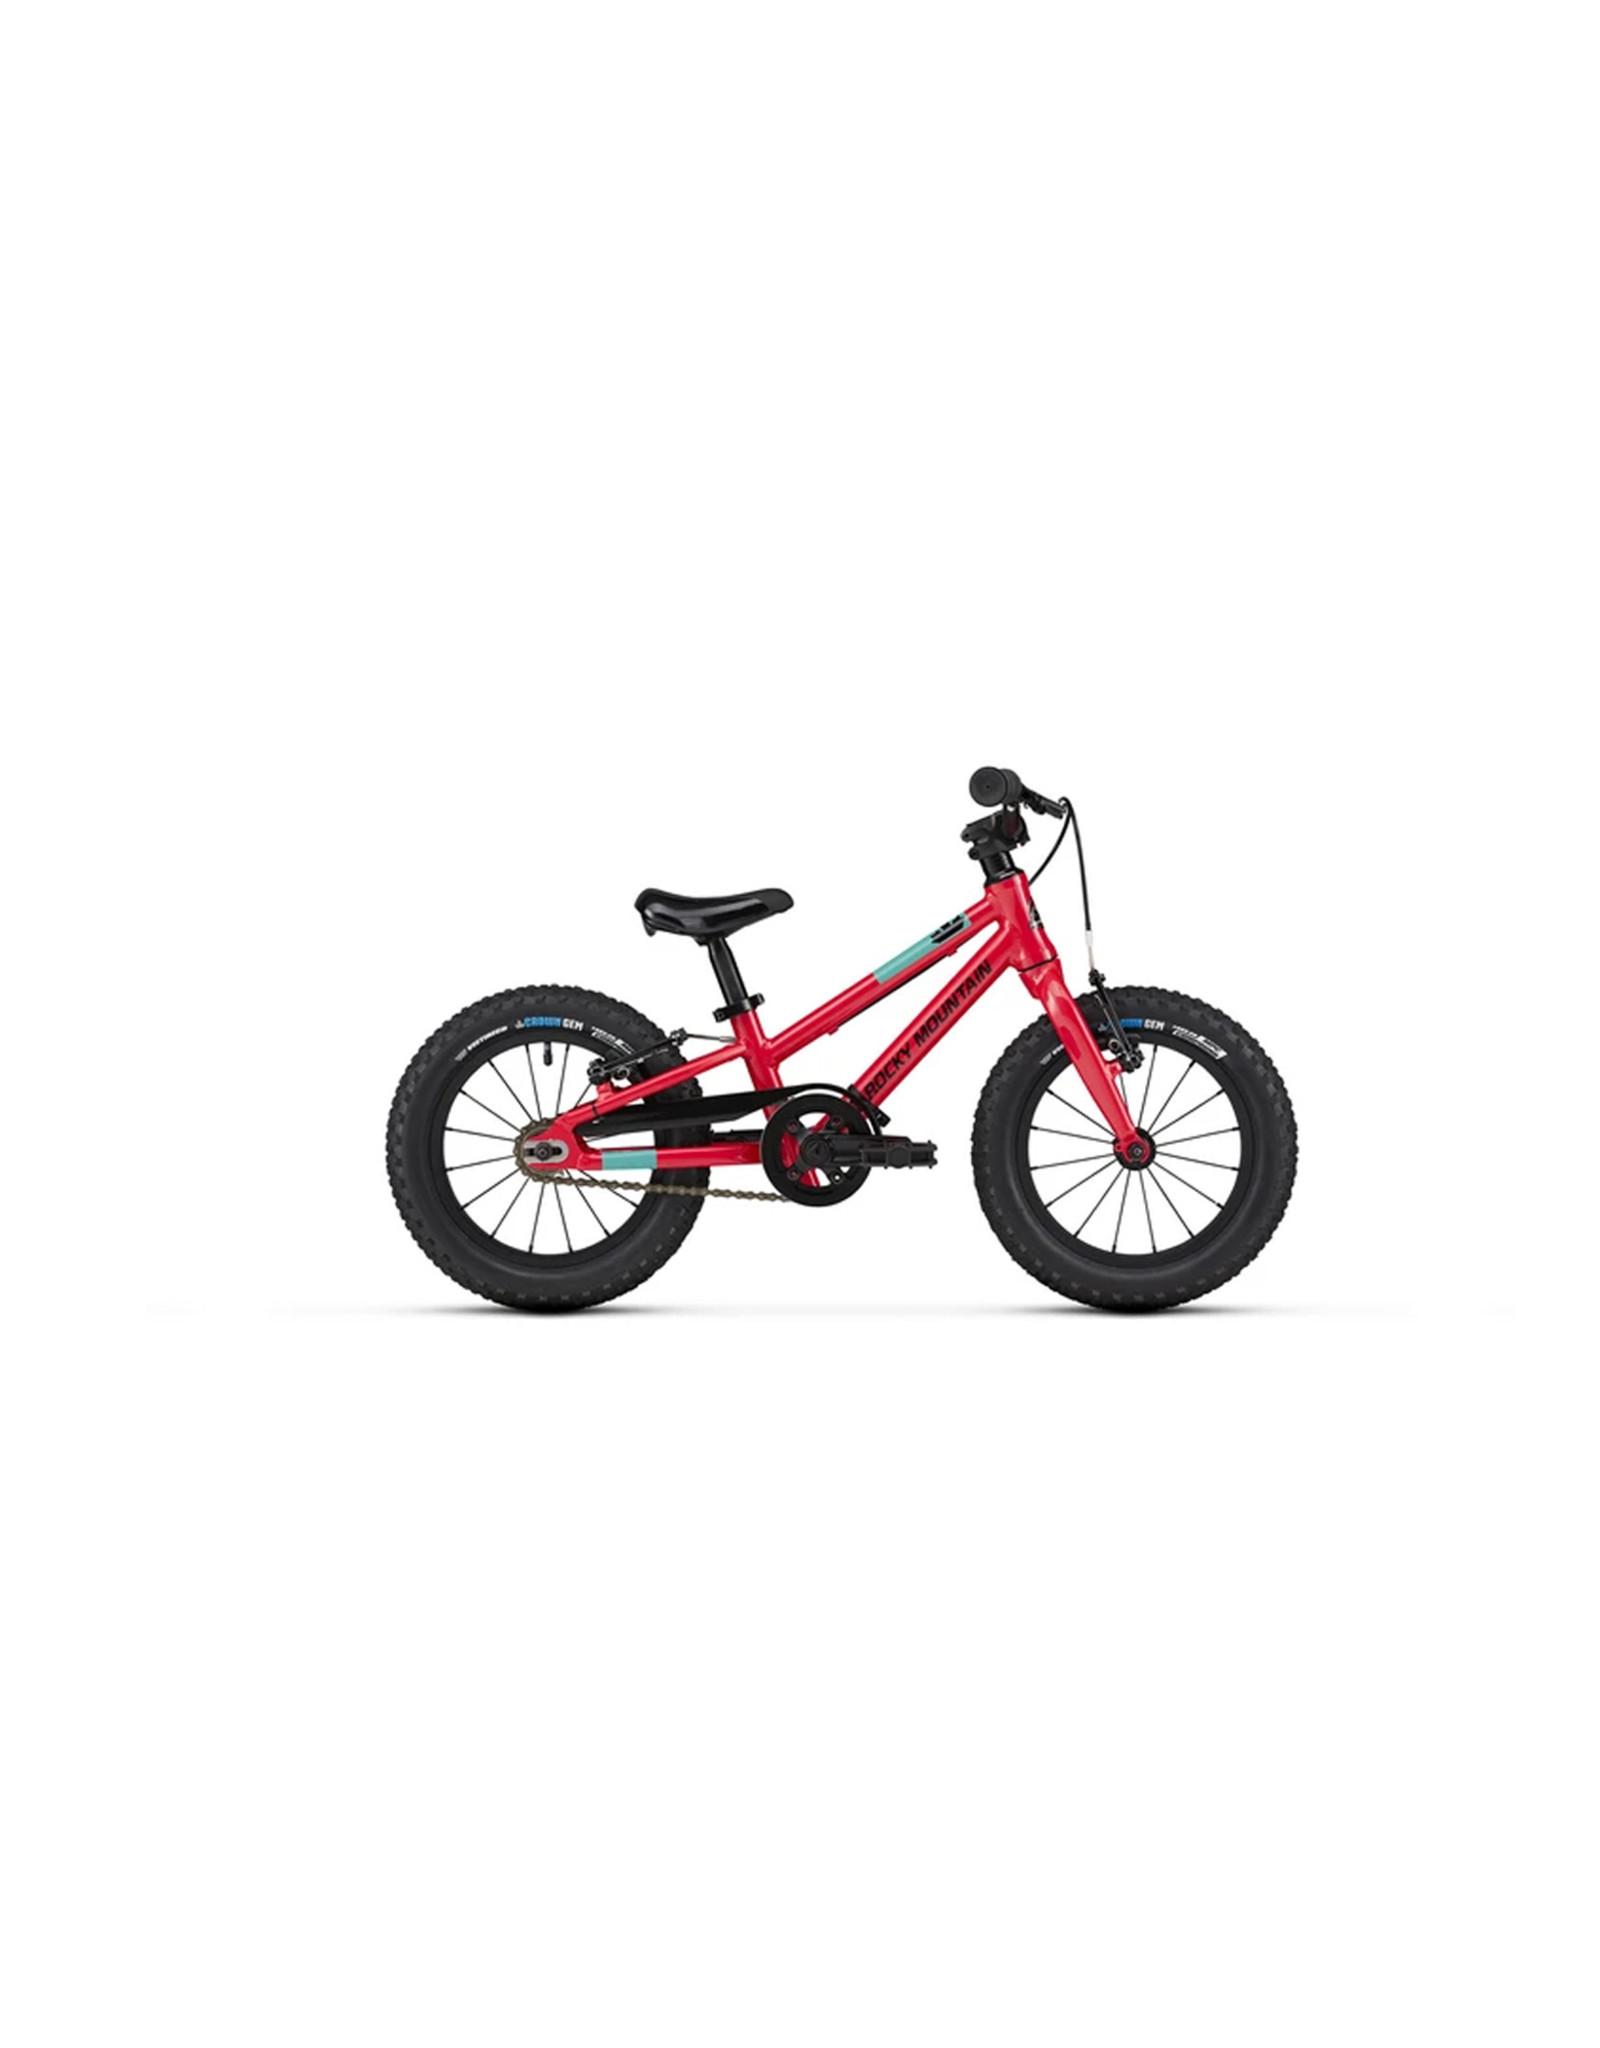 Rocky Mountain Vélo Rocky Mountain Edge 14 2021